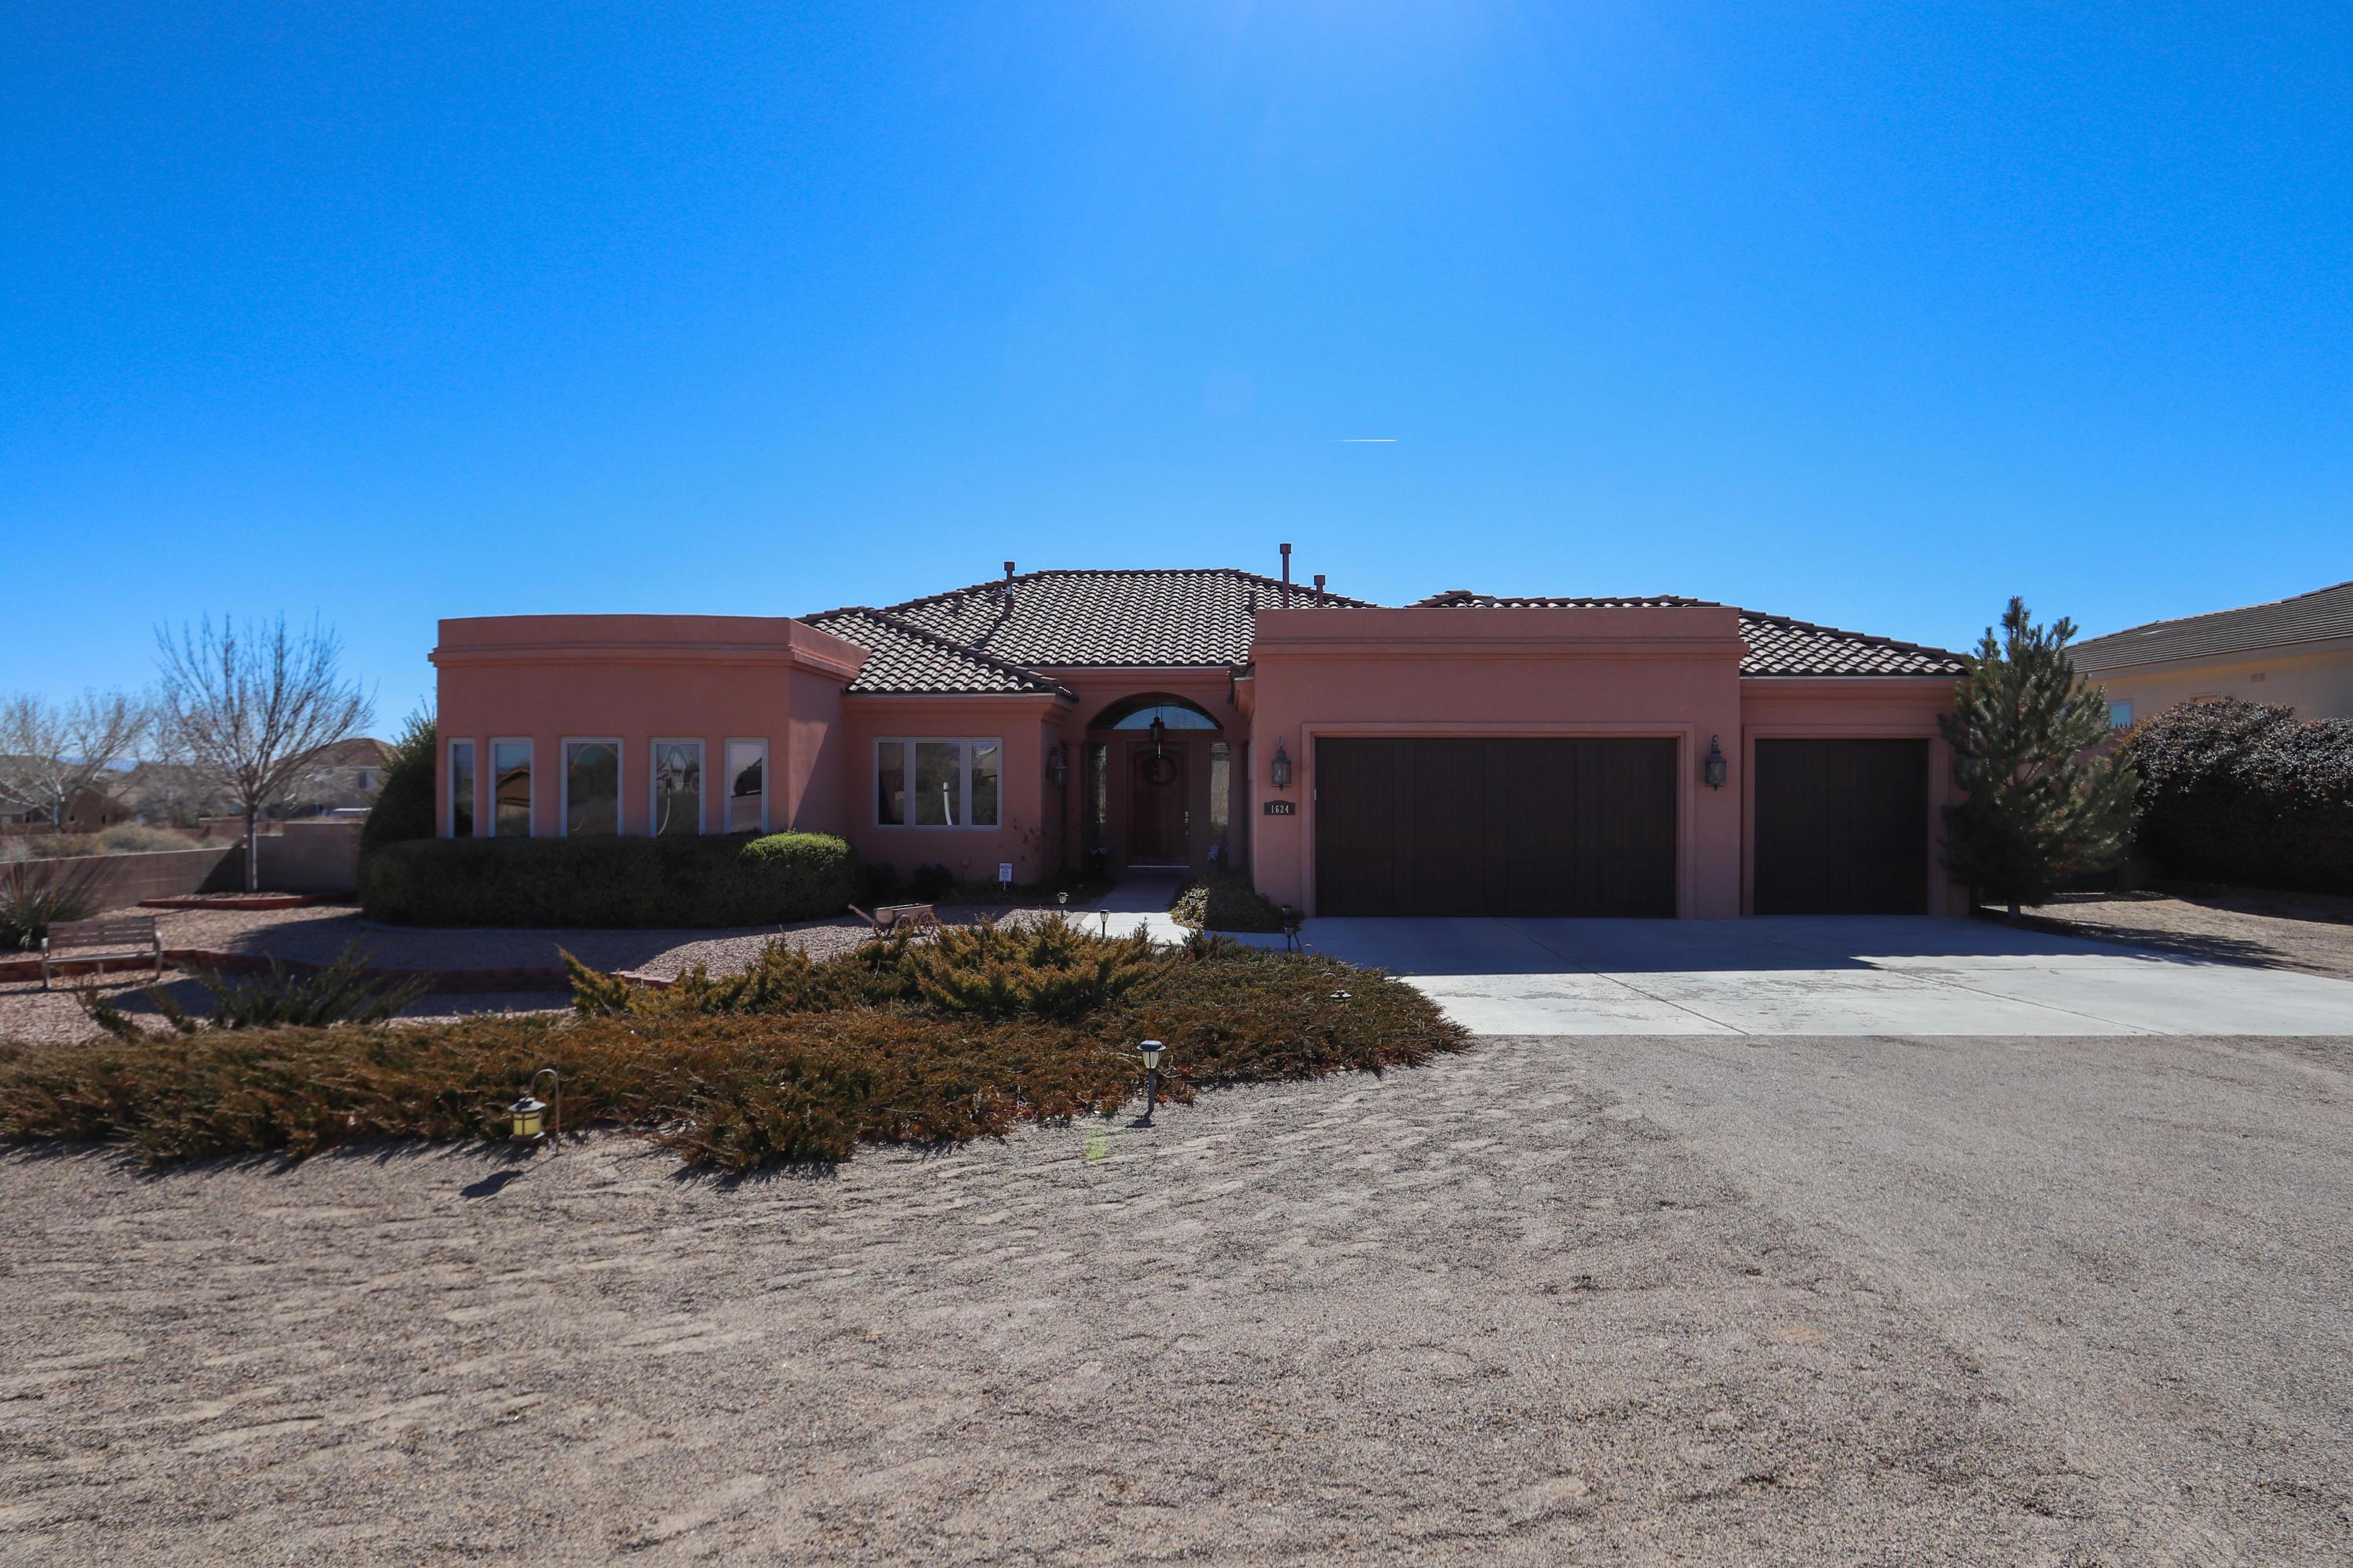 1624 SE 23rd Avenue, Rio Rancho, New Mexico